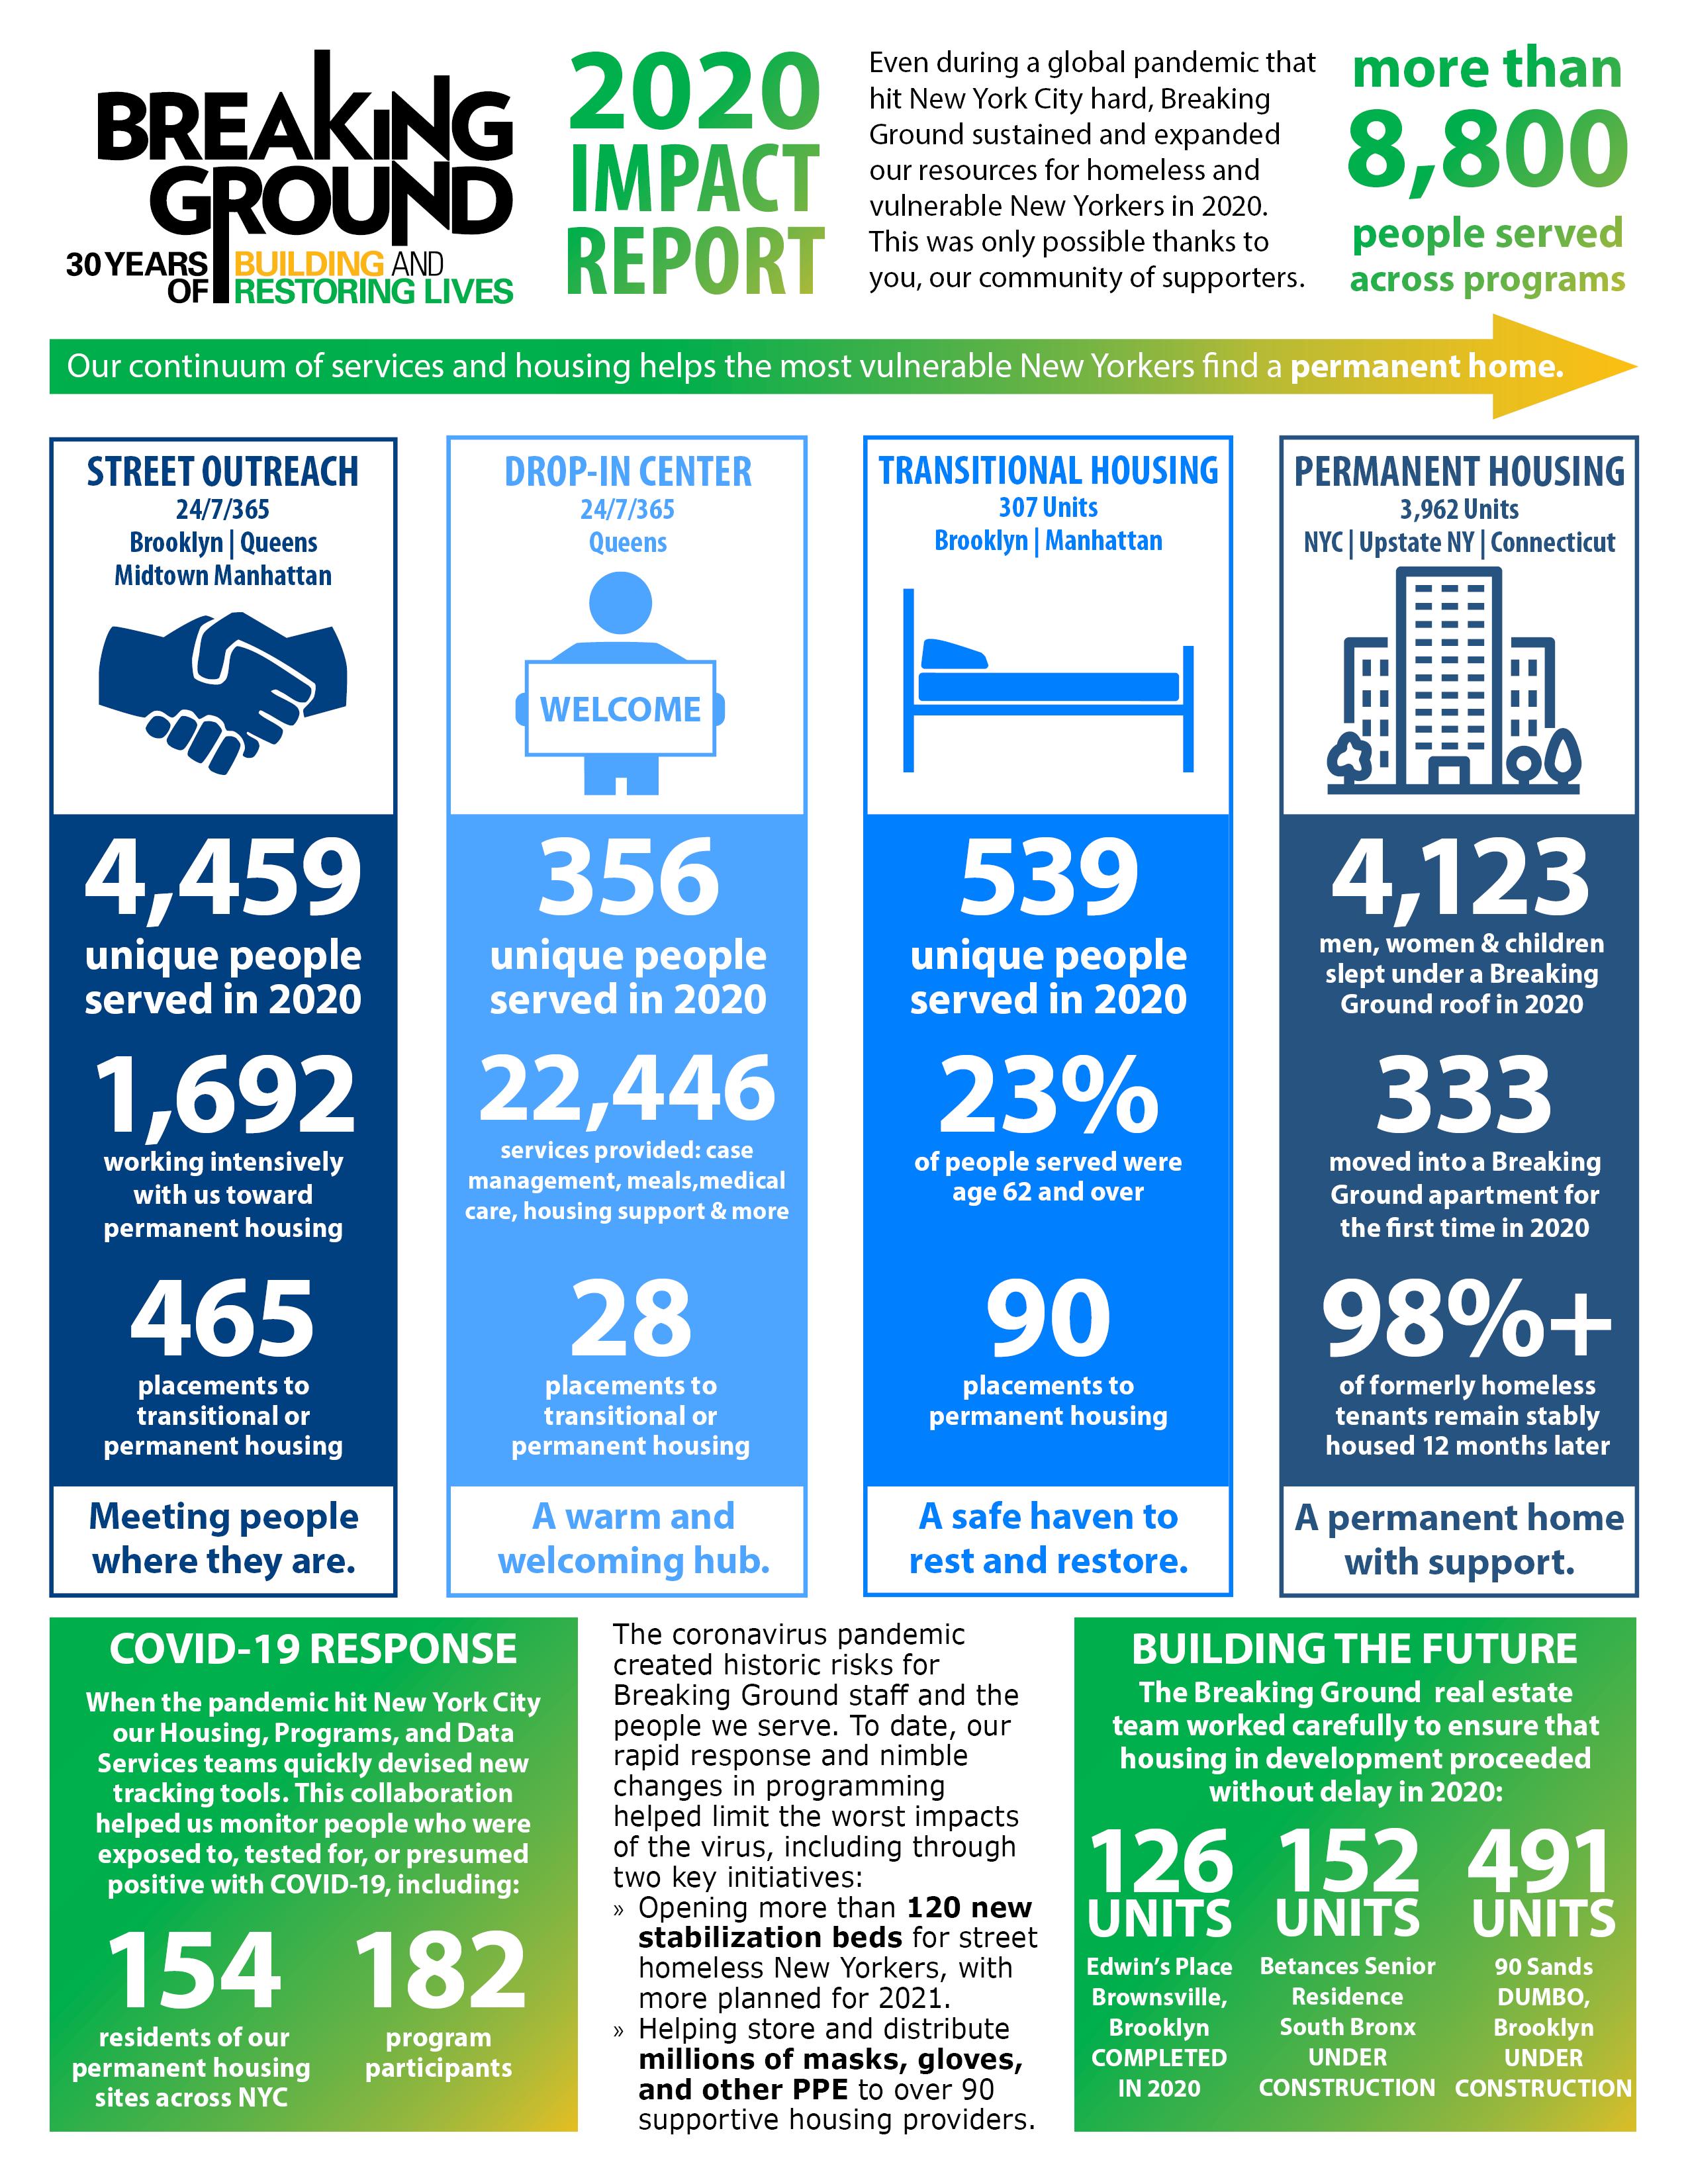 Breaking Ground 2020 Impact Report